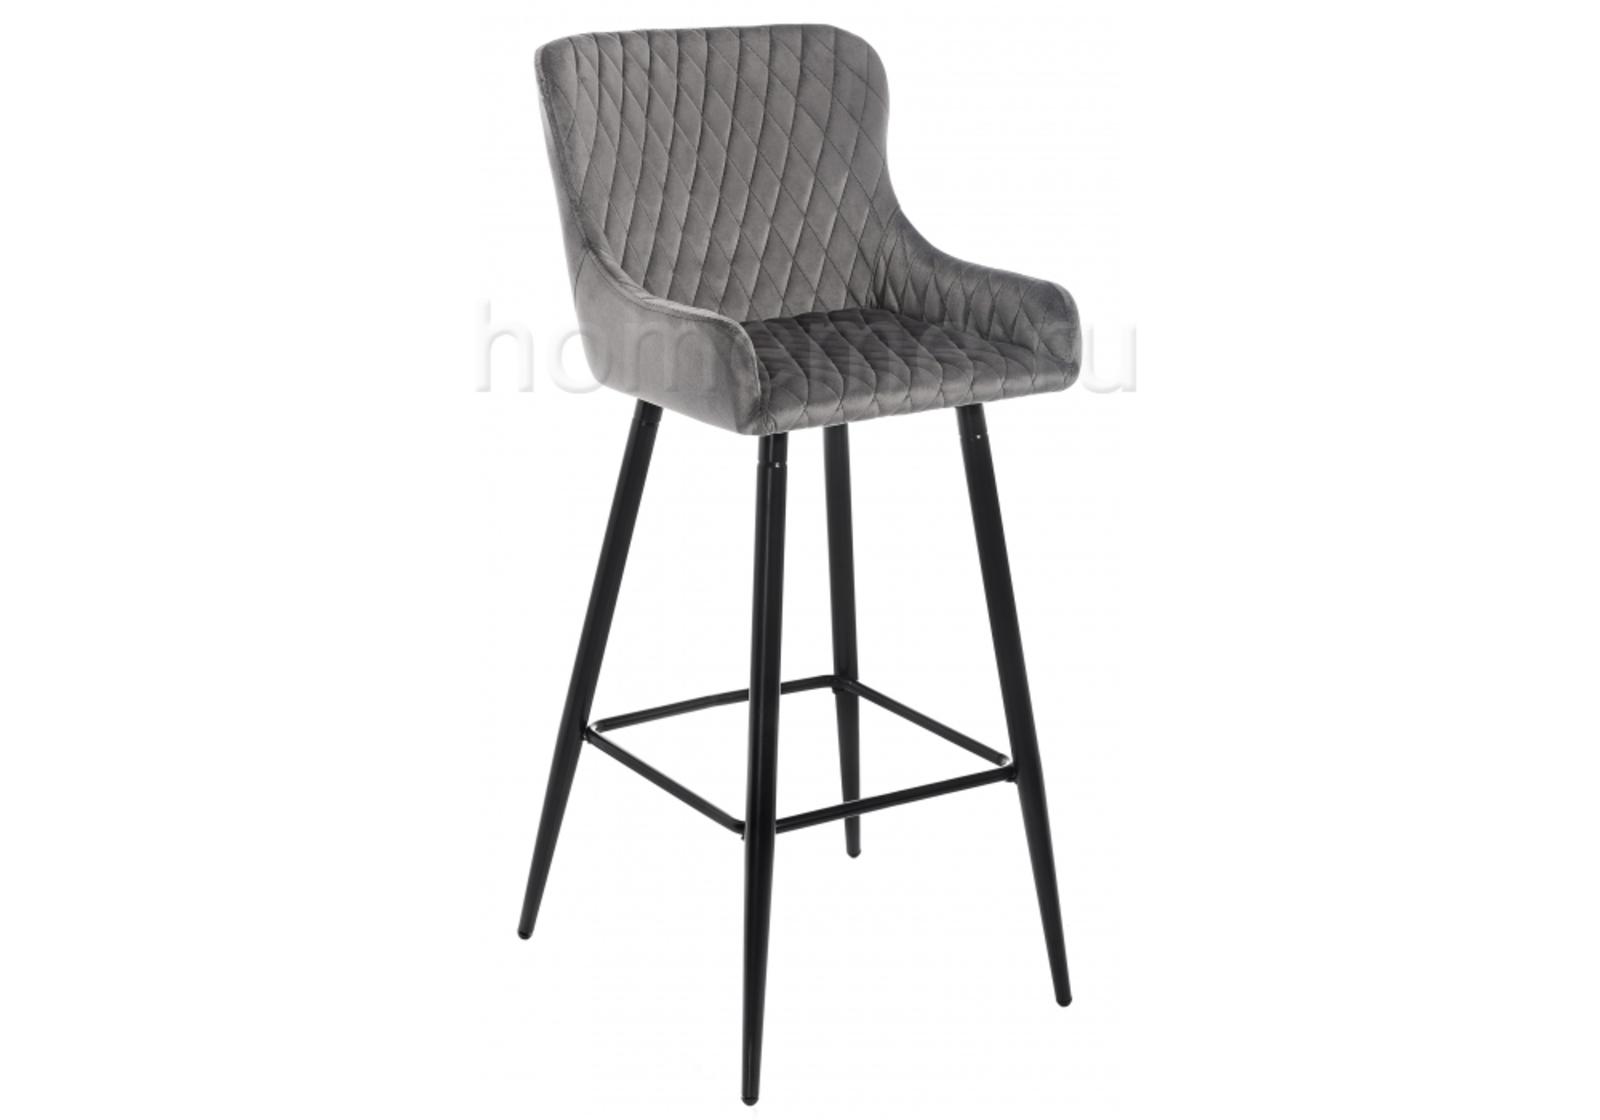 Барный стул Mint серый 11535 Mint серый 11535 (18301)